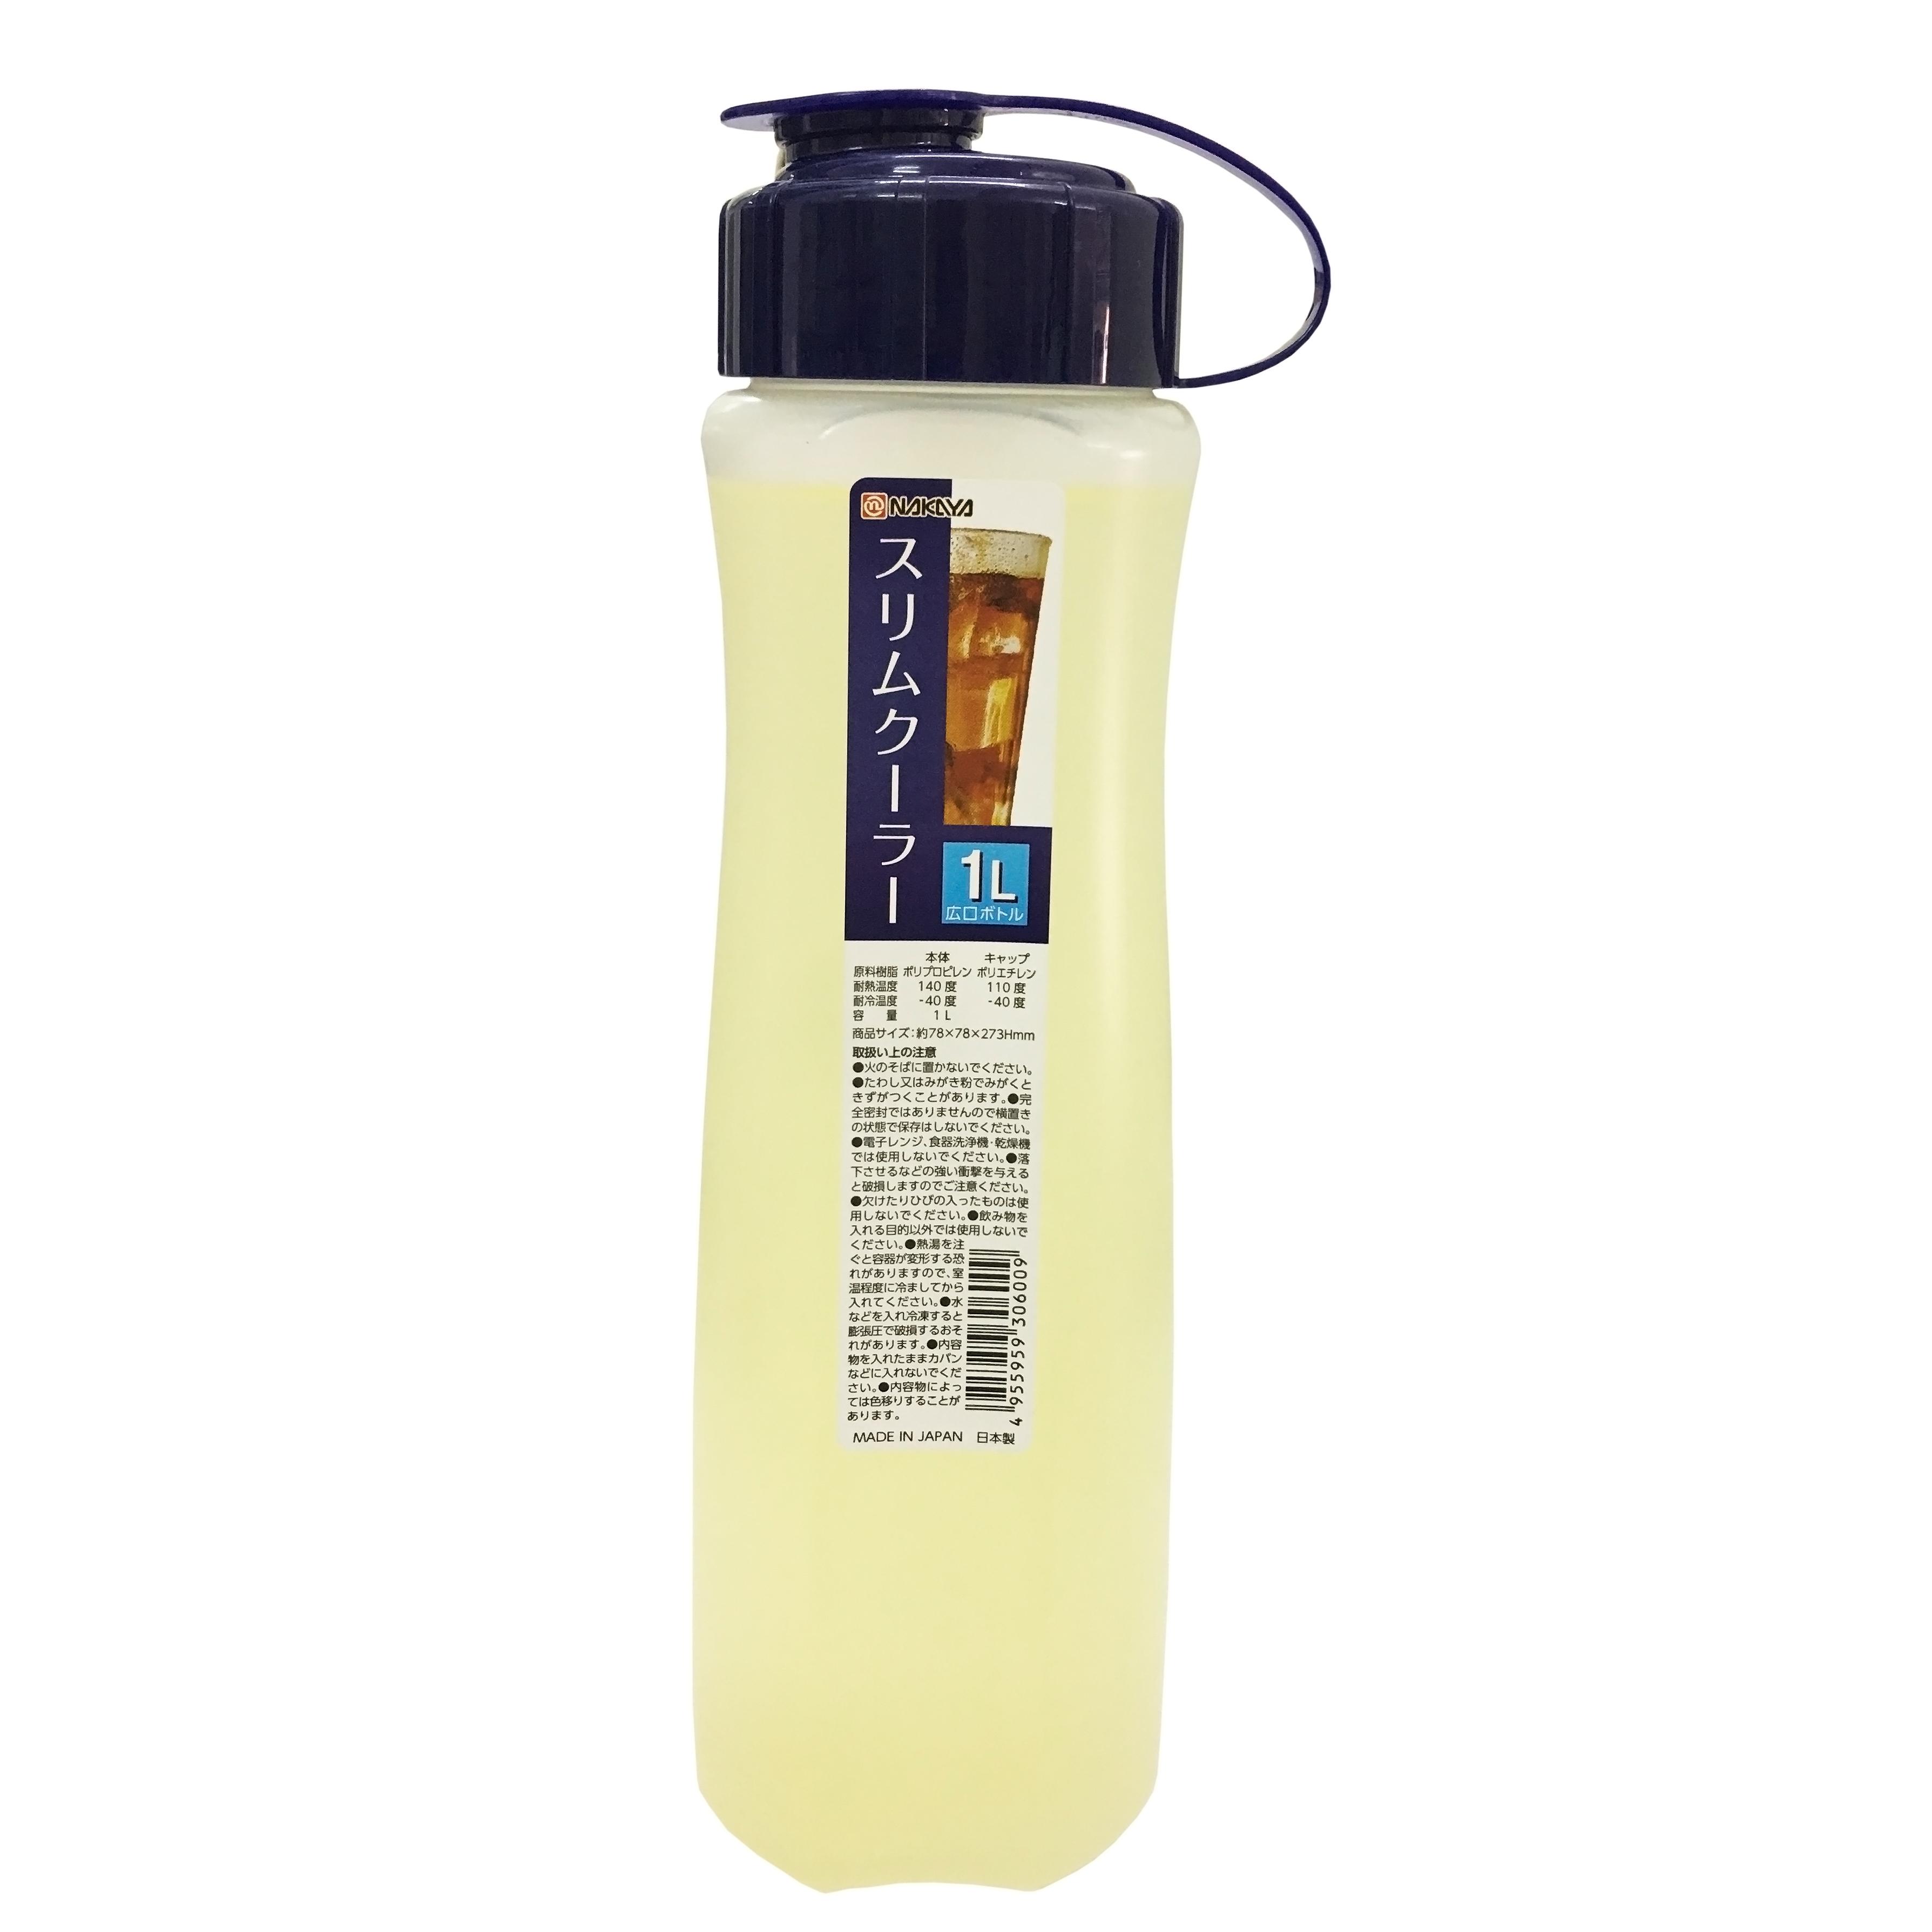 Bình đựng nước 1l Nakaya nội địa Nhật Bản